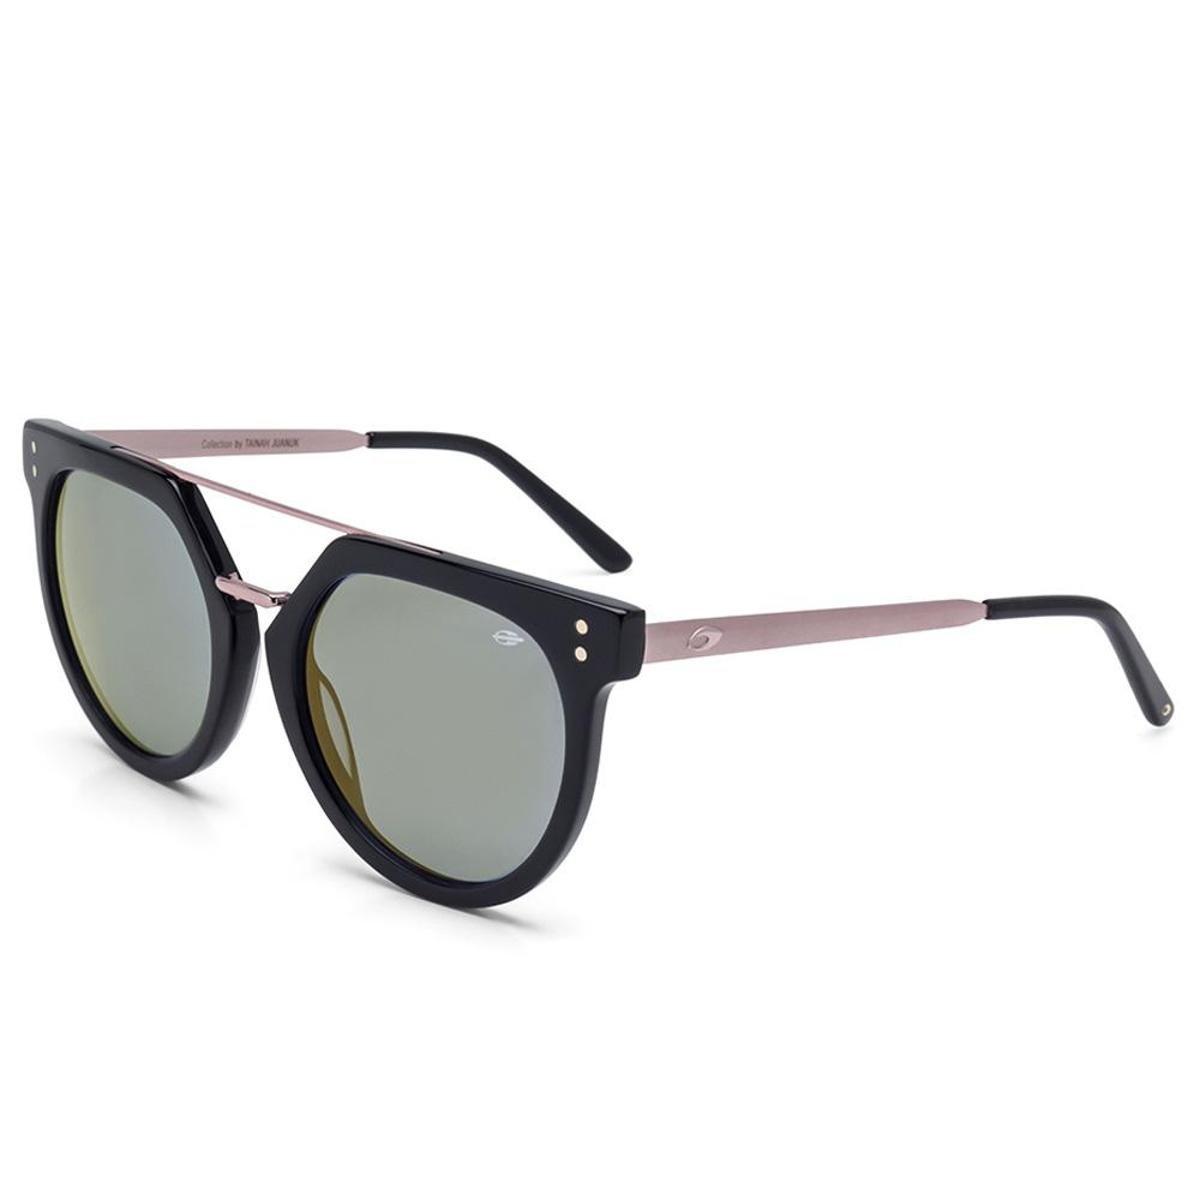 7ab4d74d26c6c Óculos De Sol M0051 Linha Tainah Fashion Mormaii - Compre Agora ...